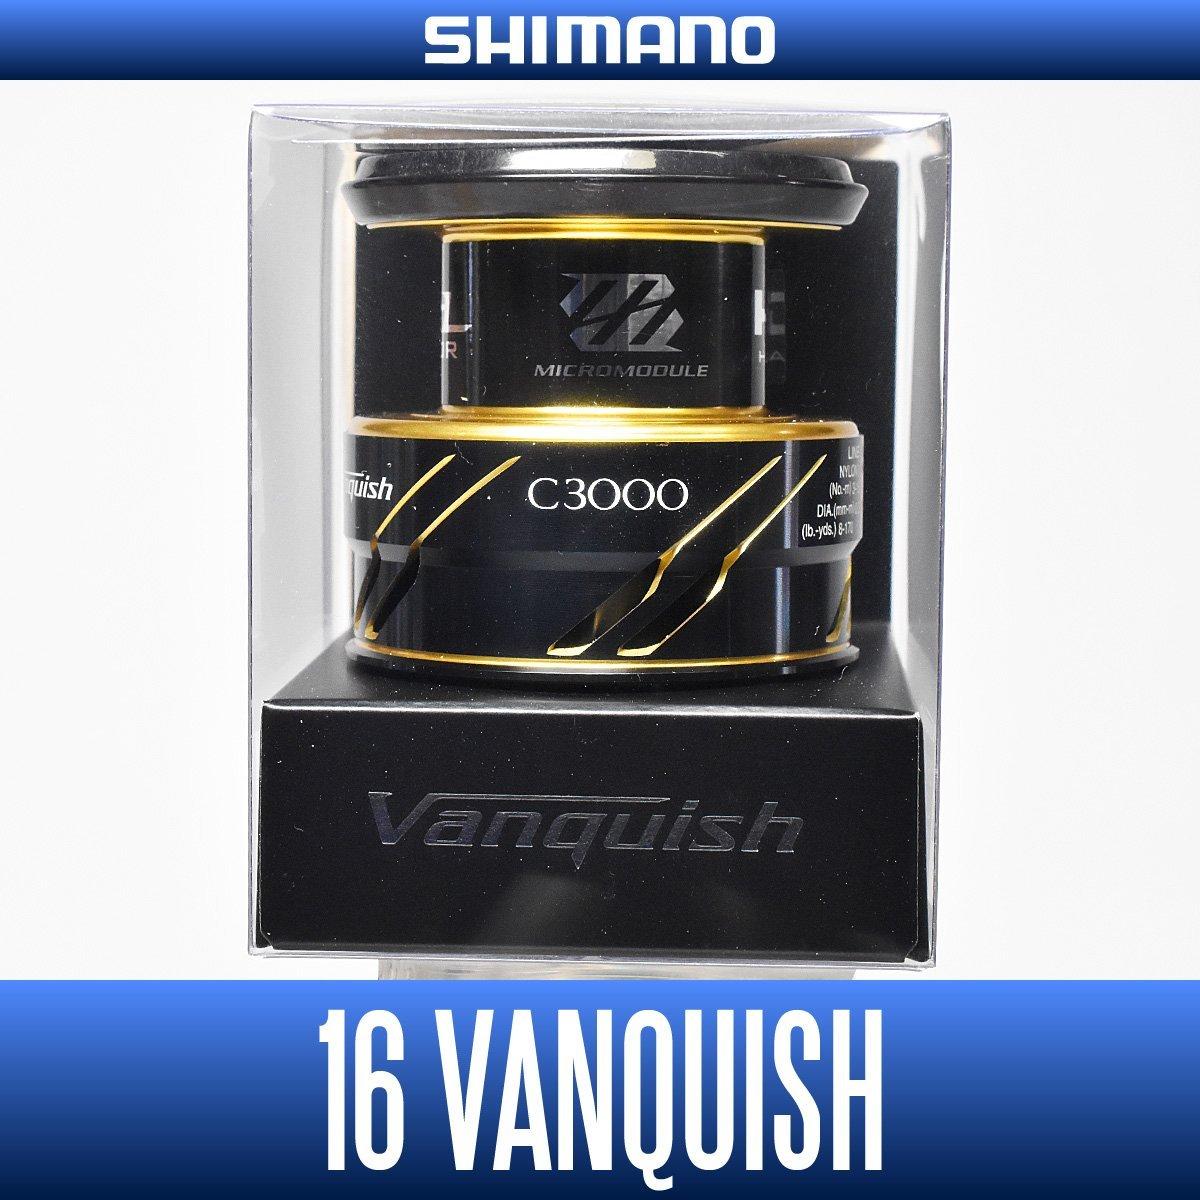 【シマノ純正】 16ヴァンキッシュ C3000用 純正スプール